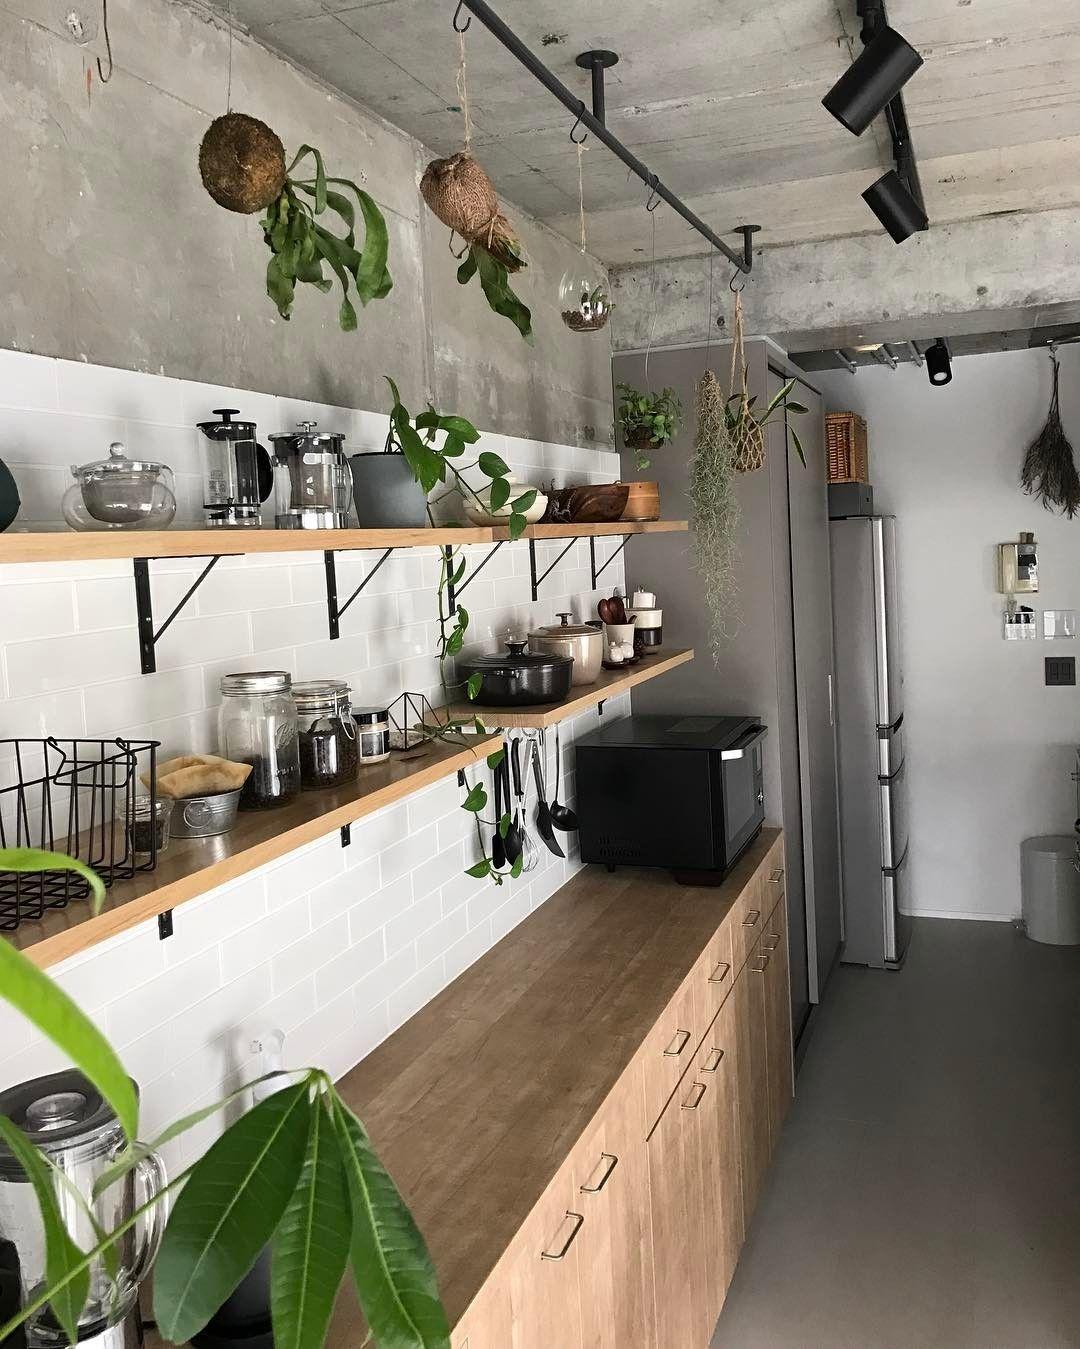 おはようございます キッチンにはバックカウンター収納と その奥に天井までのトール収納があります 当初 このトール収納も手前のバックカウンターと同じ木目で計画していたのですが ちょっと優しい印象になりすぎちゃうかもね ということで キ キッチン